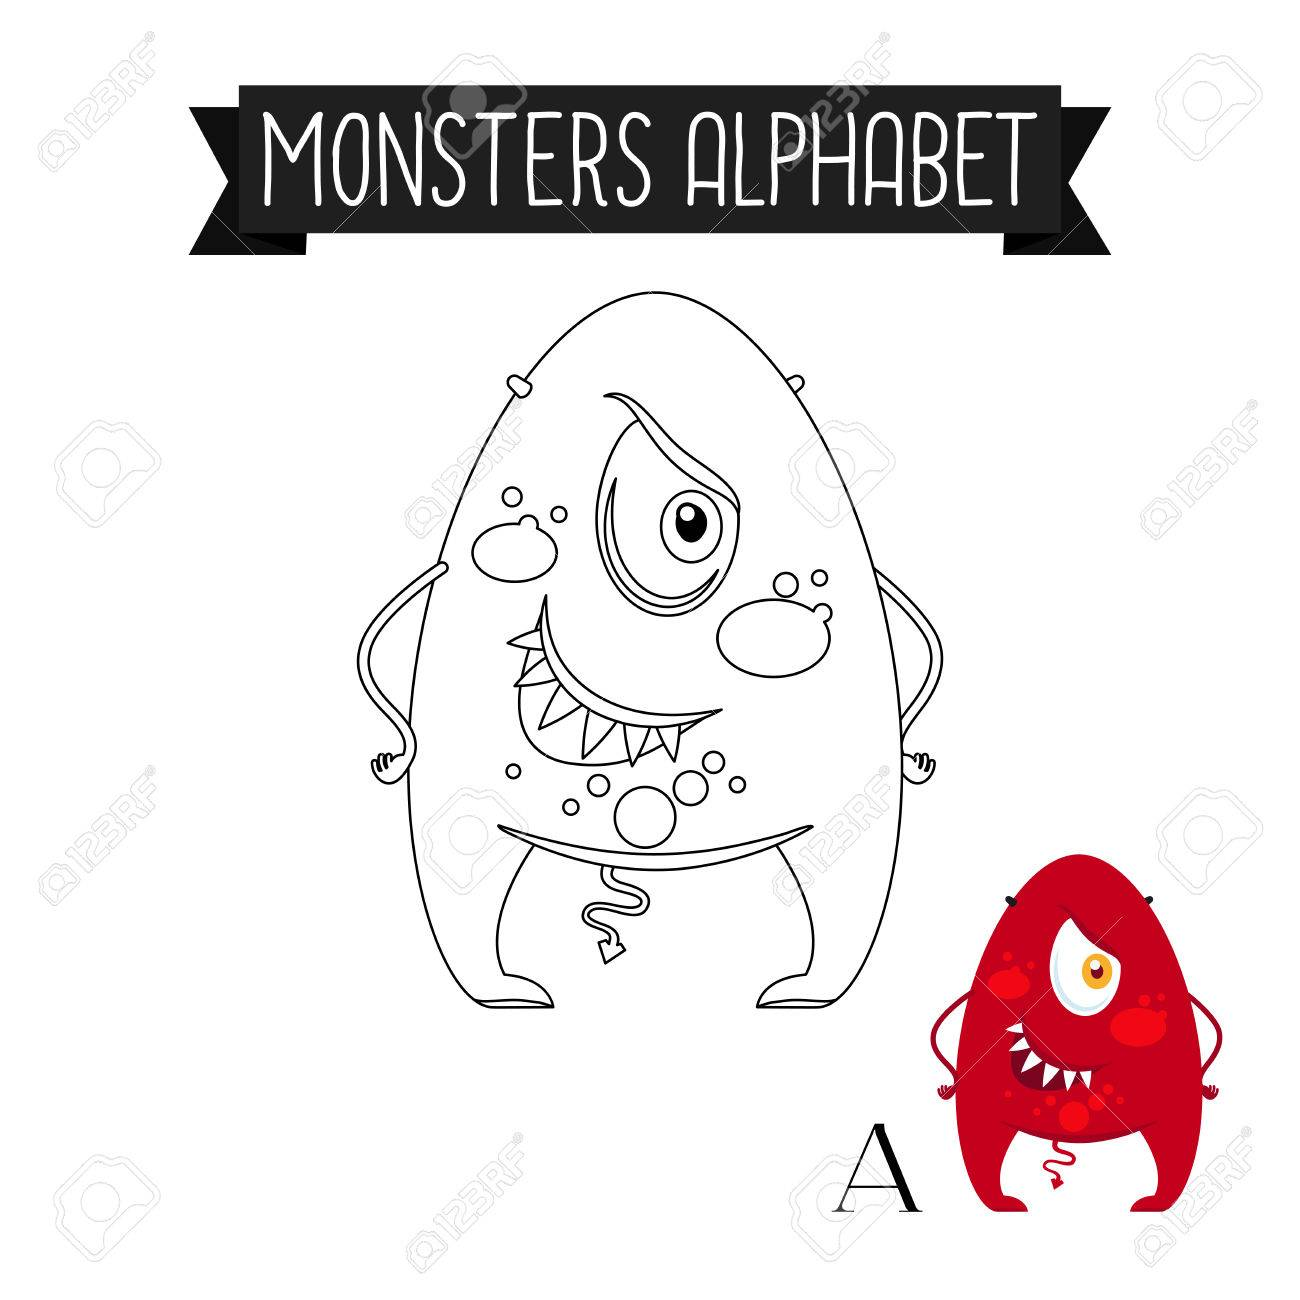 Malvorlage Monster Alphabet Für Kinder. Buchstabe A Vecor Abbildung ...